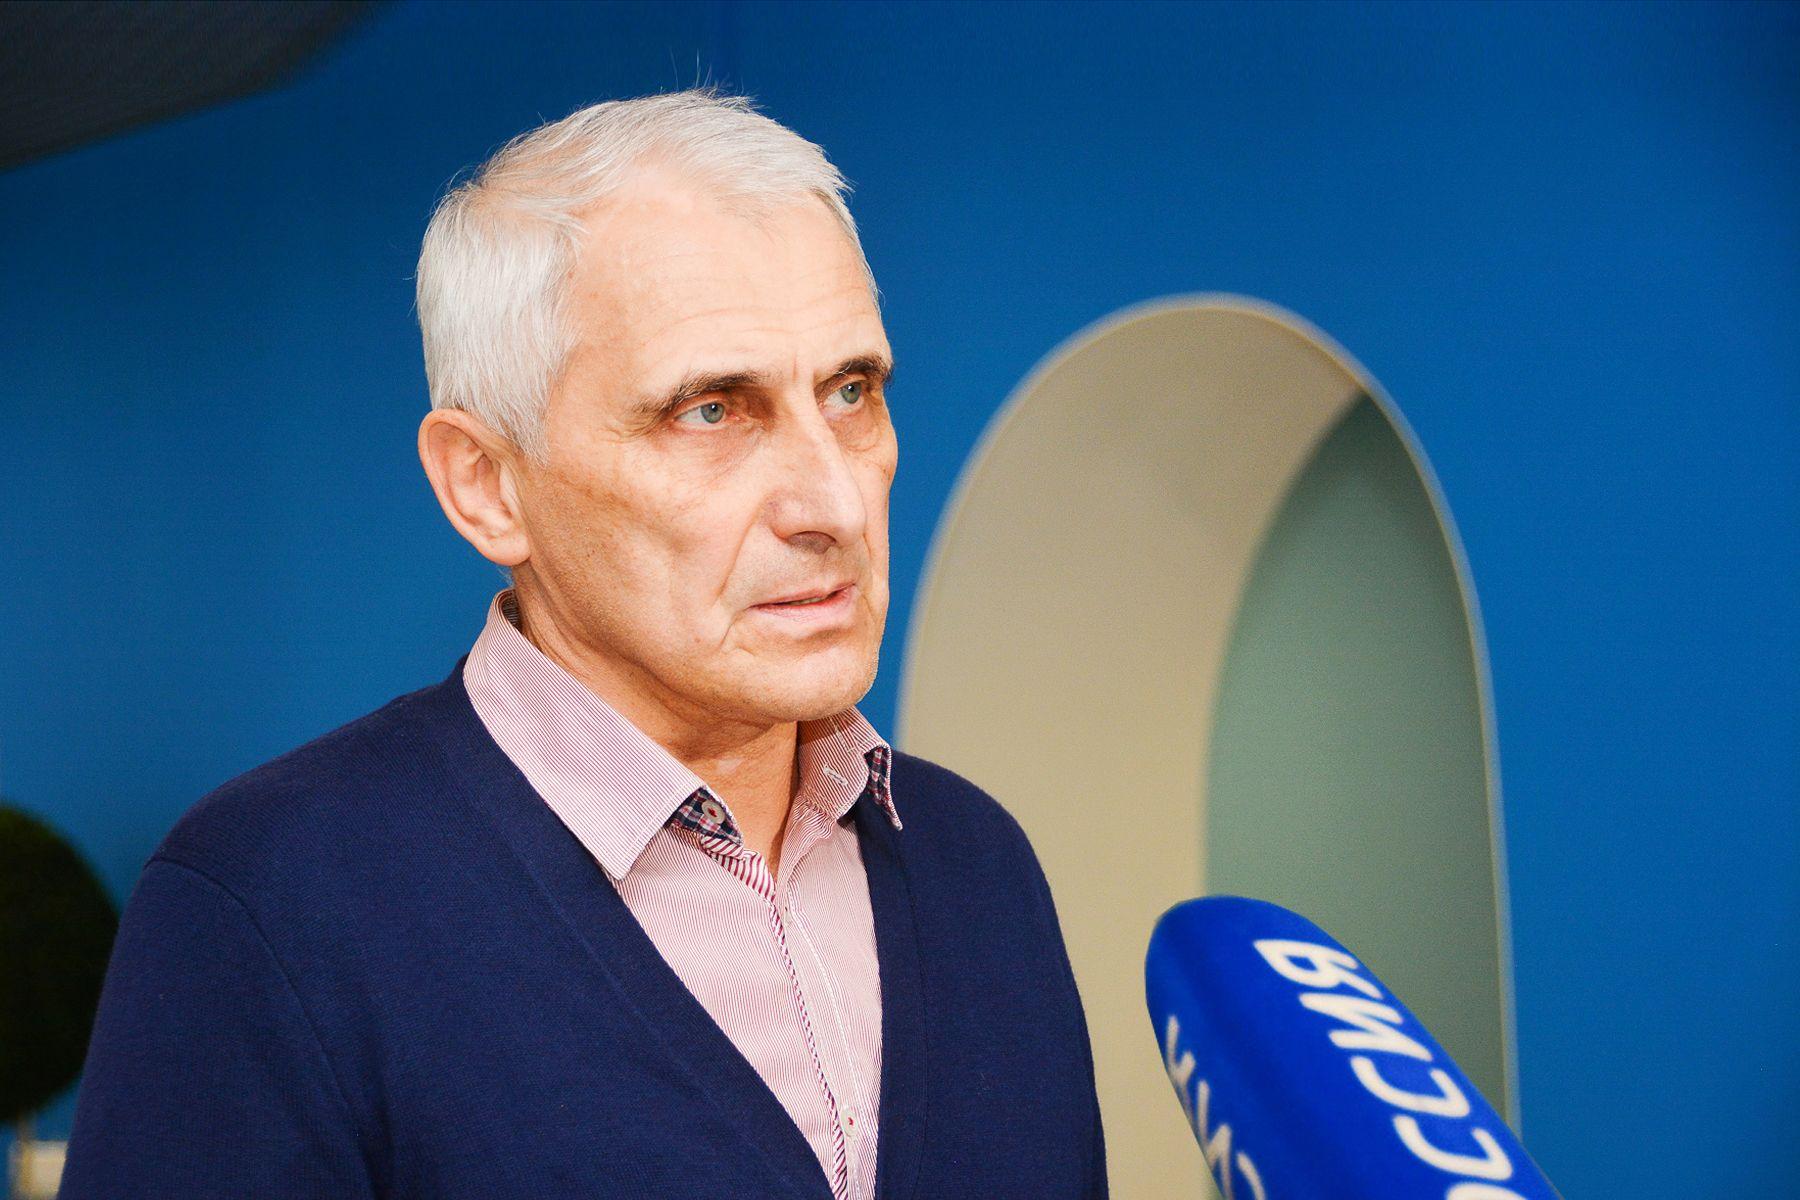 Проректор по цифровому развитию Владимир Крюков: ВГУЭС 20 лет занимается цифровизацией